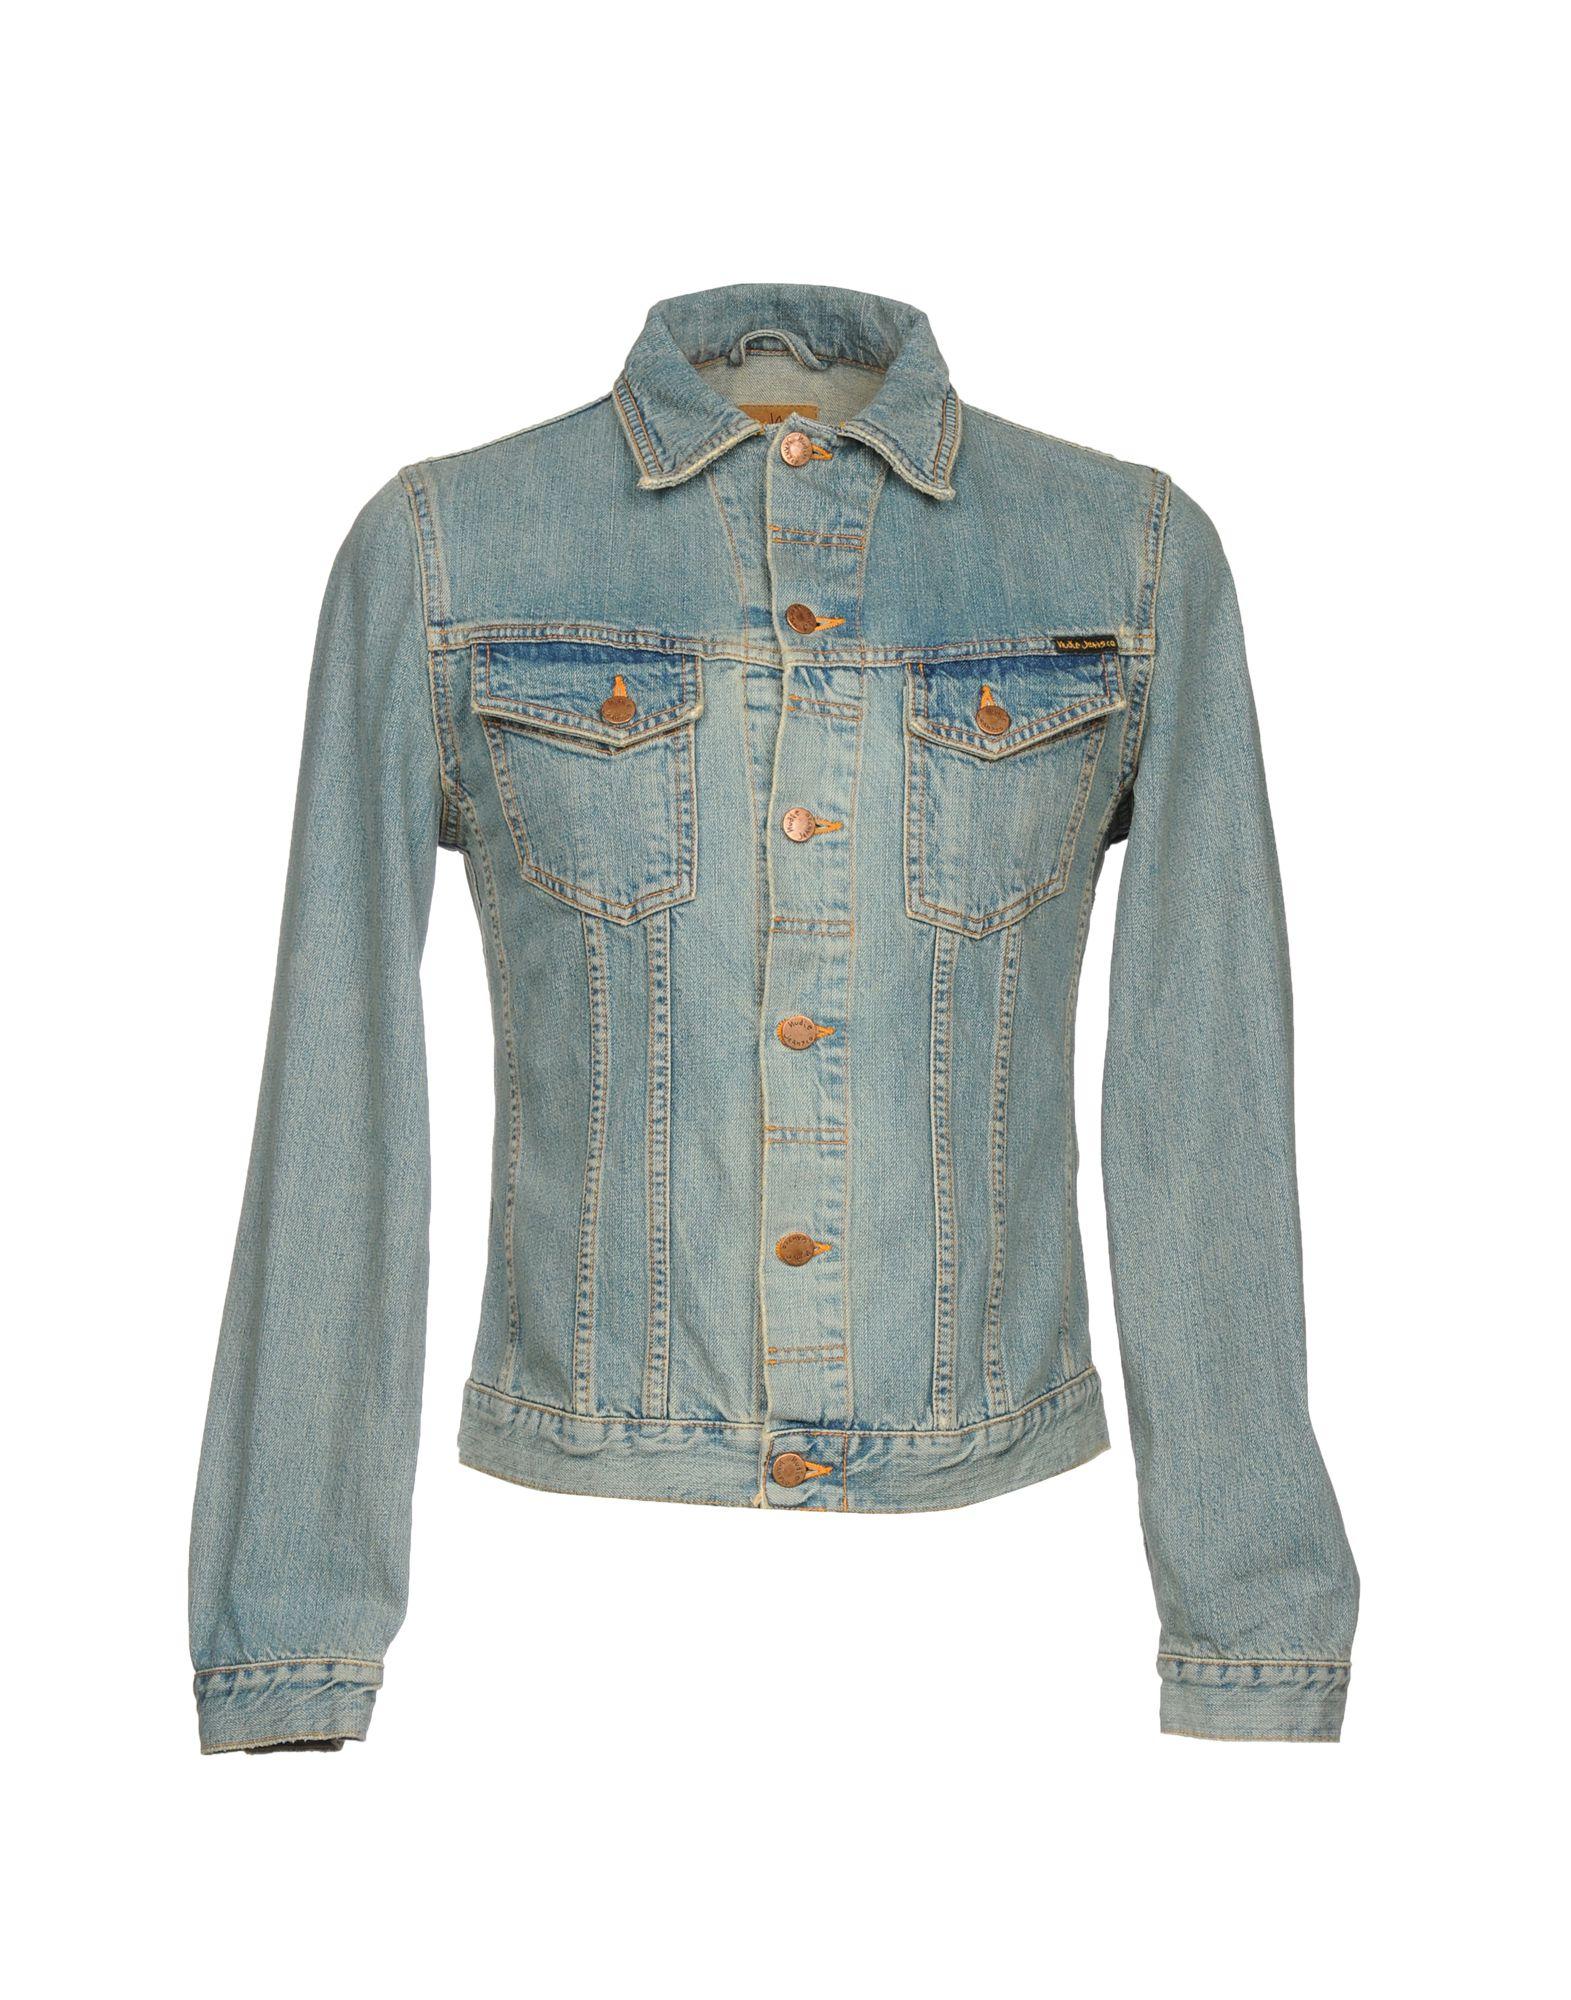 купить NUDIE JEANS CO Джинсовая верхняя одежда по цене 7700 рублей